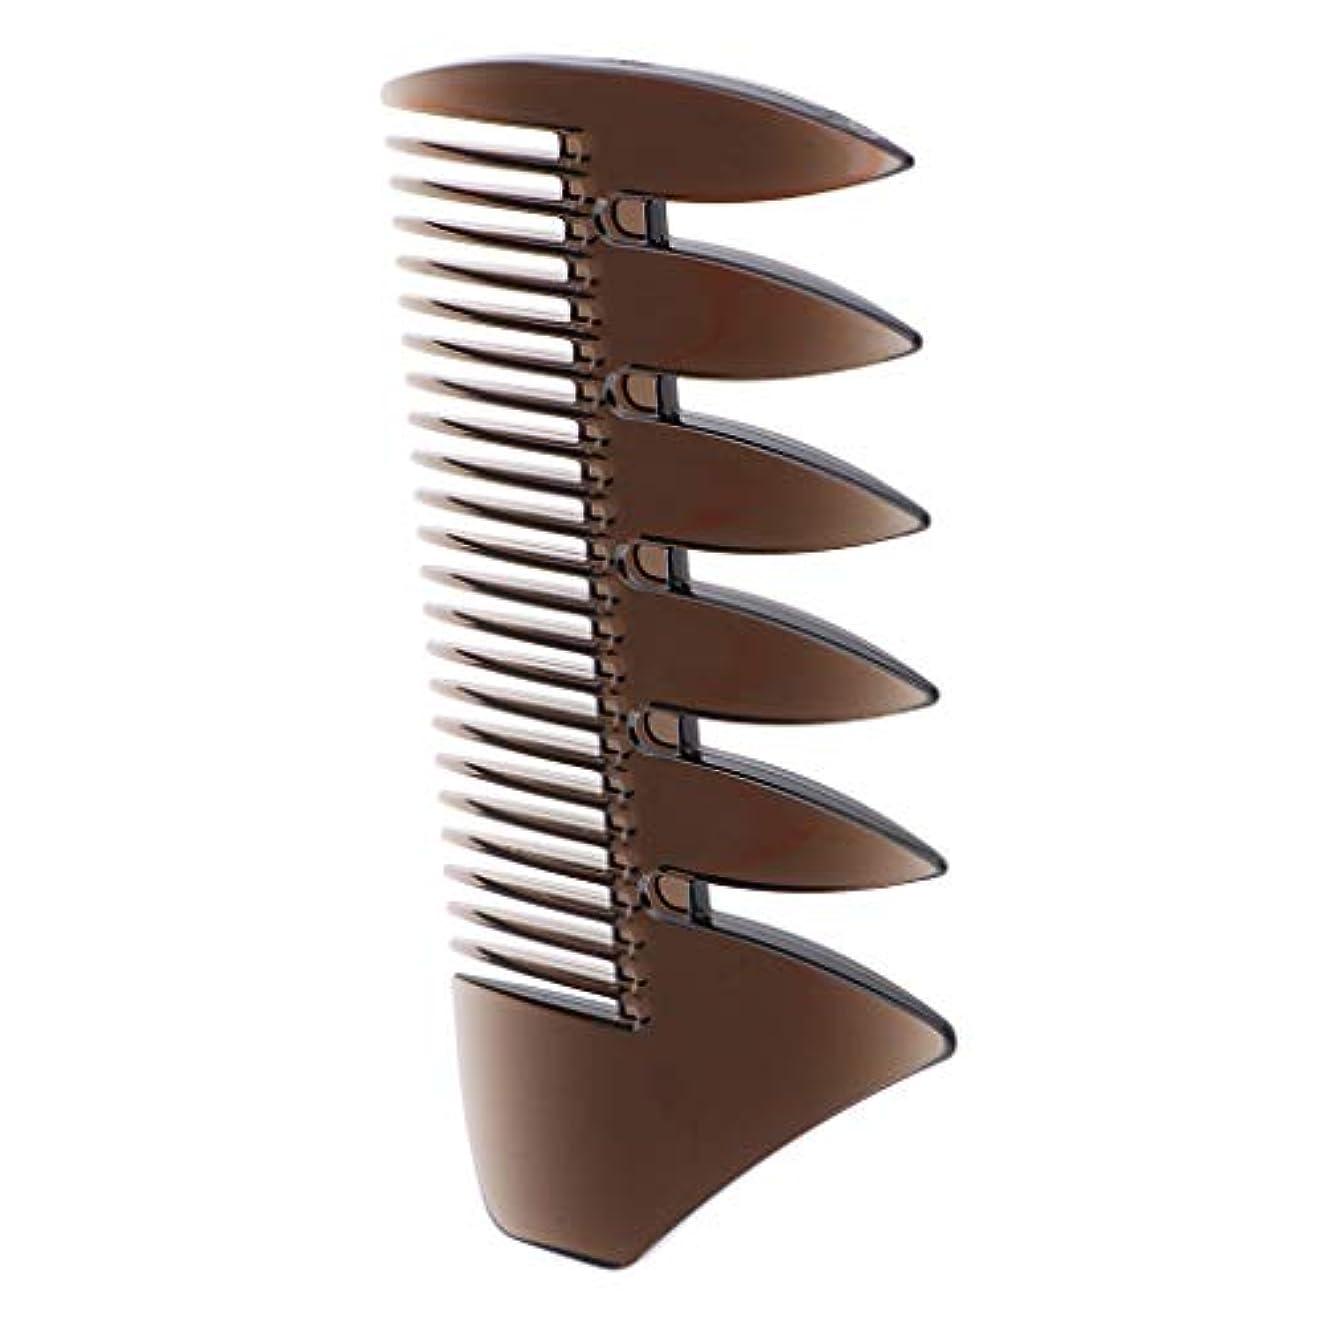 アリーナウェブ想像力豊かなヘアブラシ ヘアダイコーム ハイライト ヘアカラーリング用櫛 セクショニング ヘアケア 柔軟性